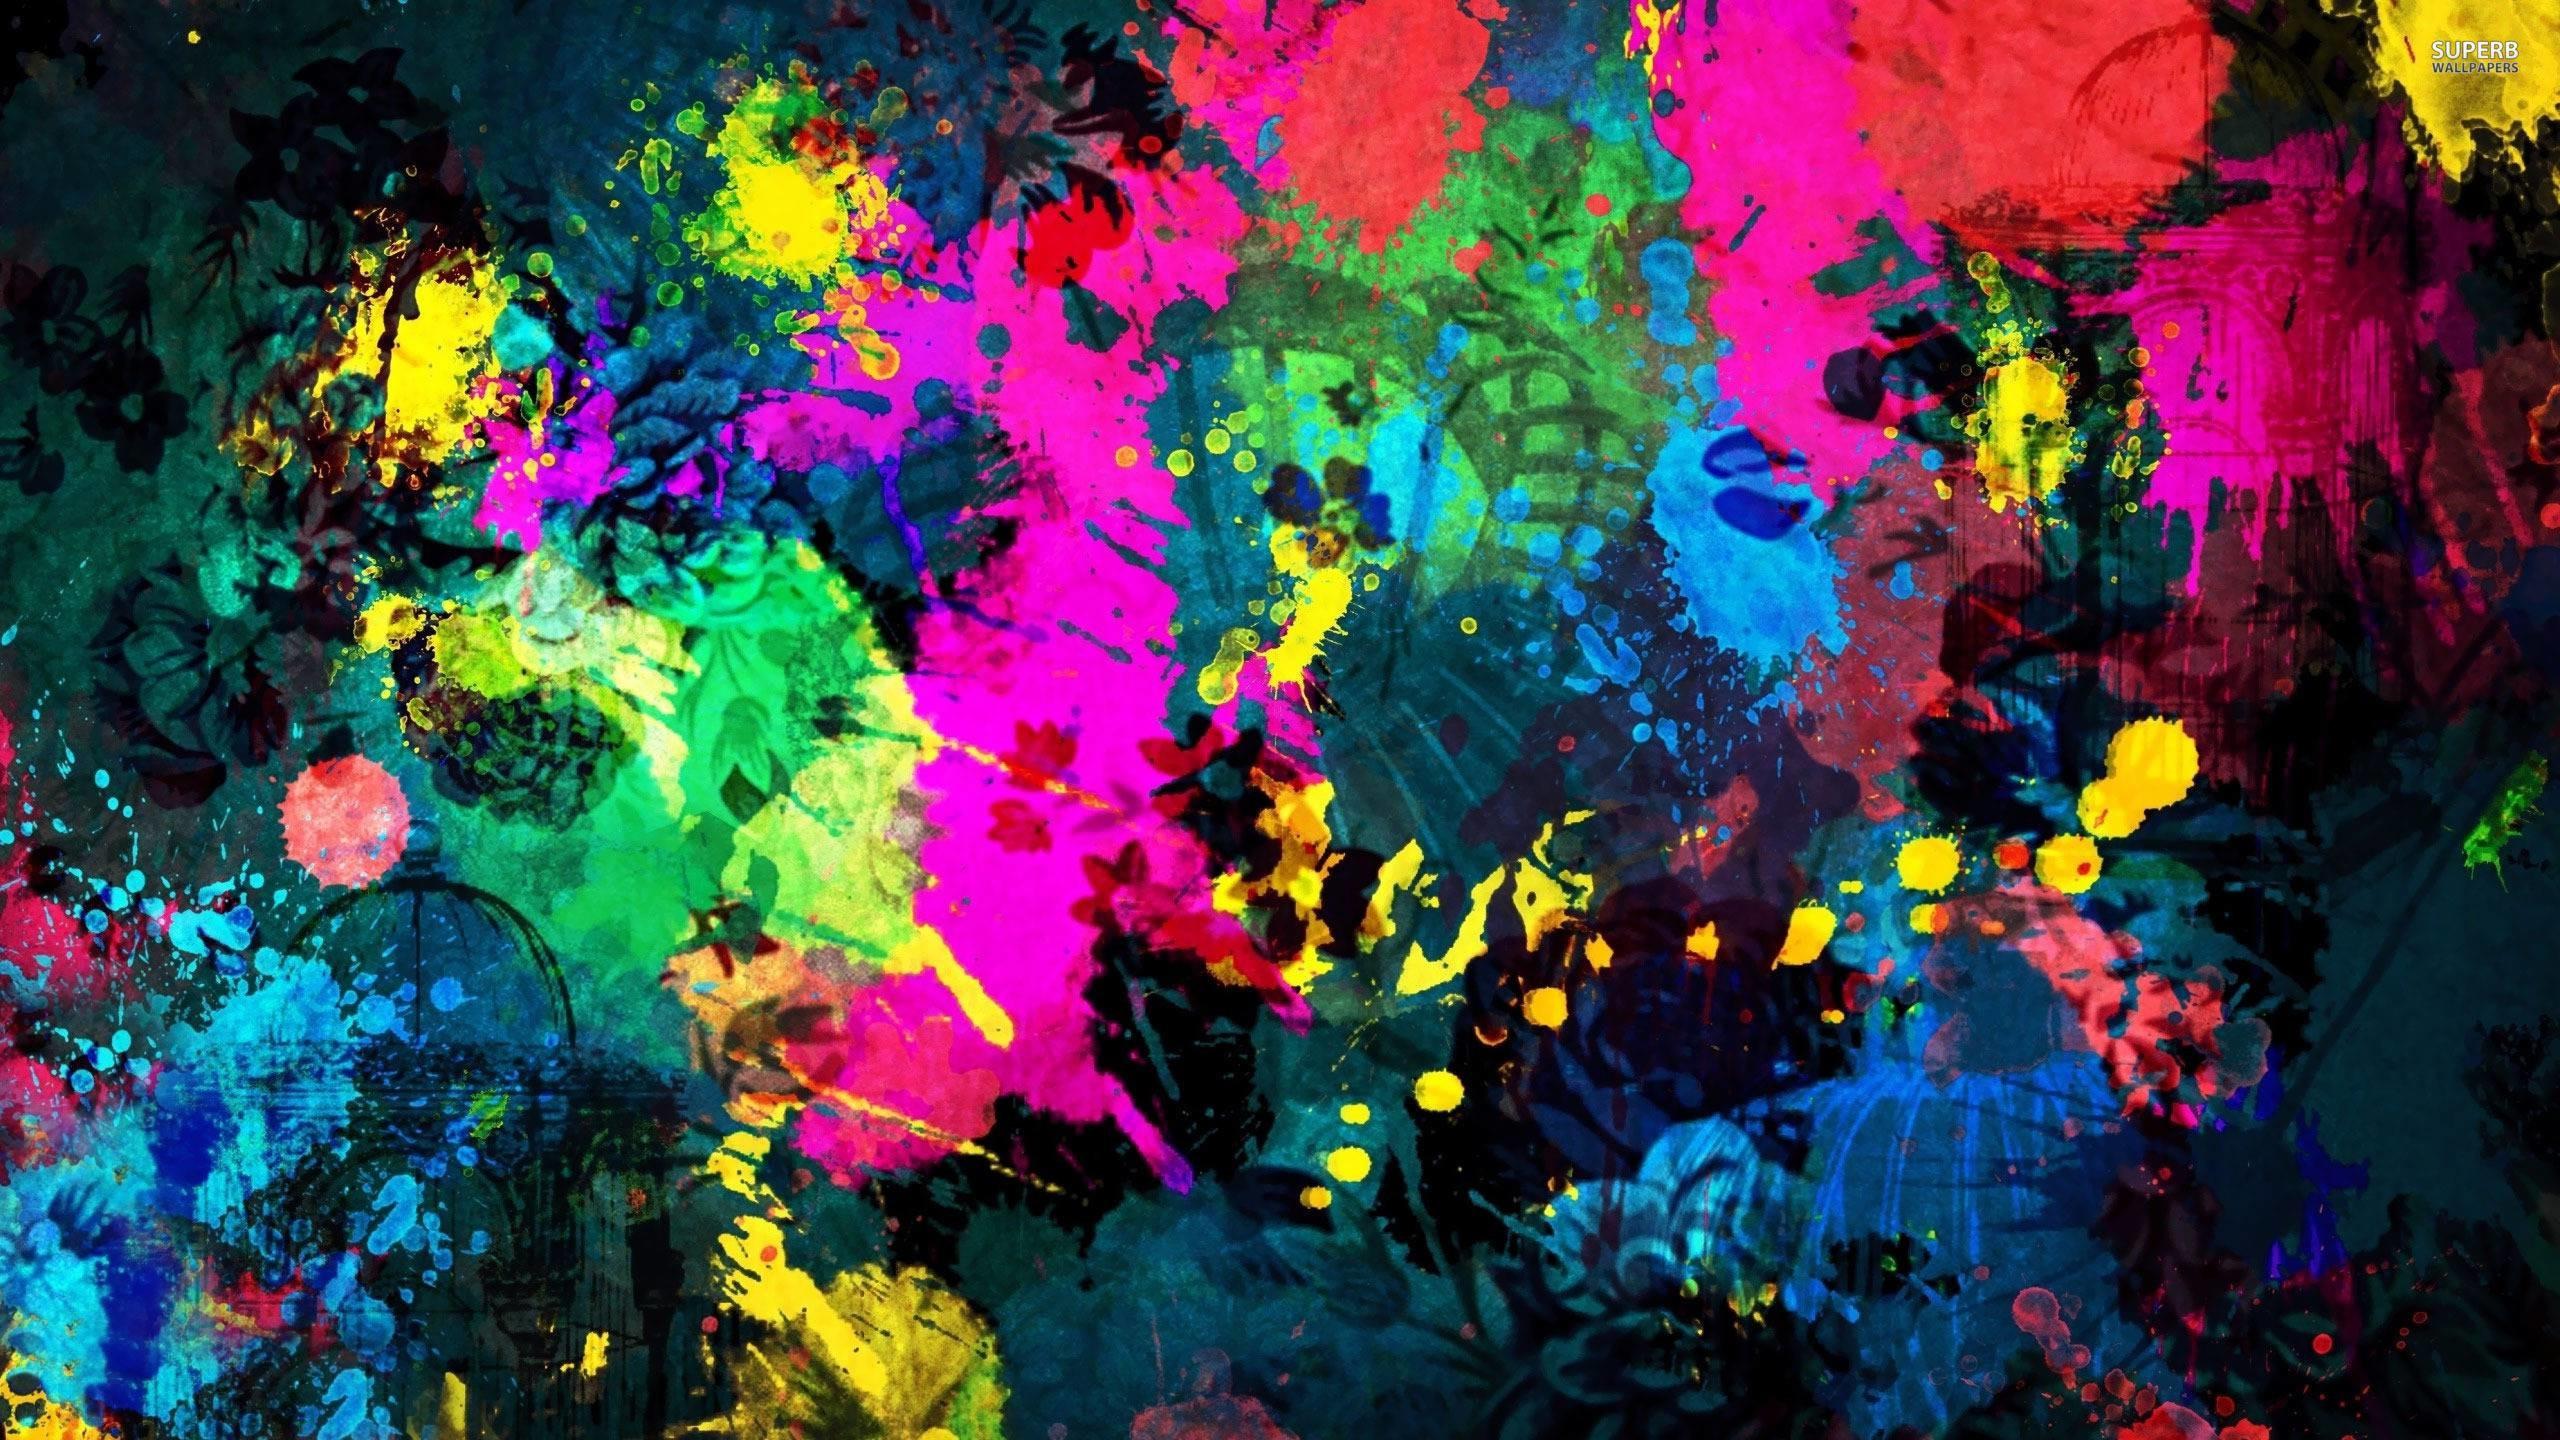 Iphone X Moving Wallpaper Splatter Paint Wallpaper 183 ①